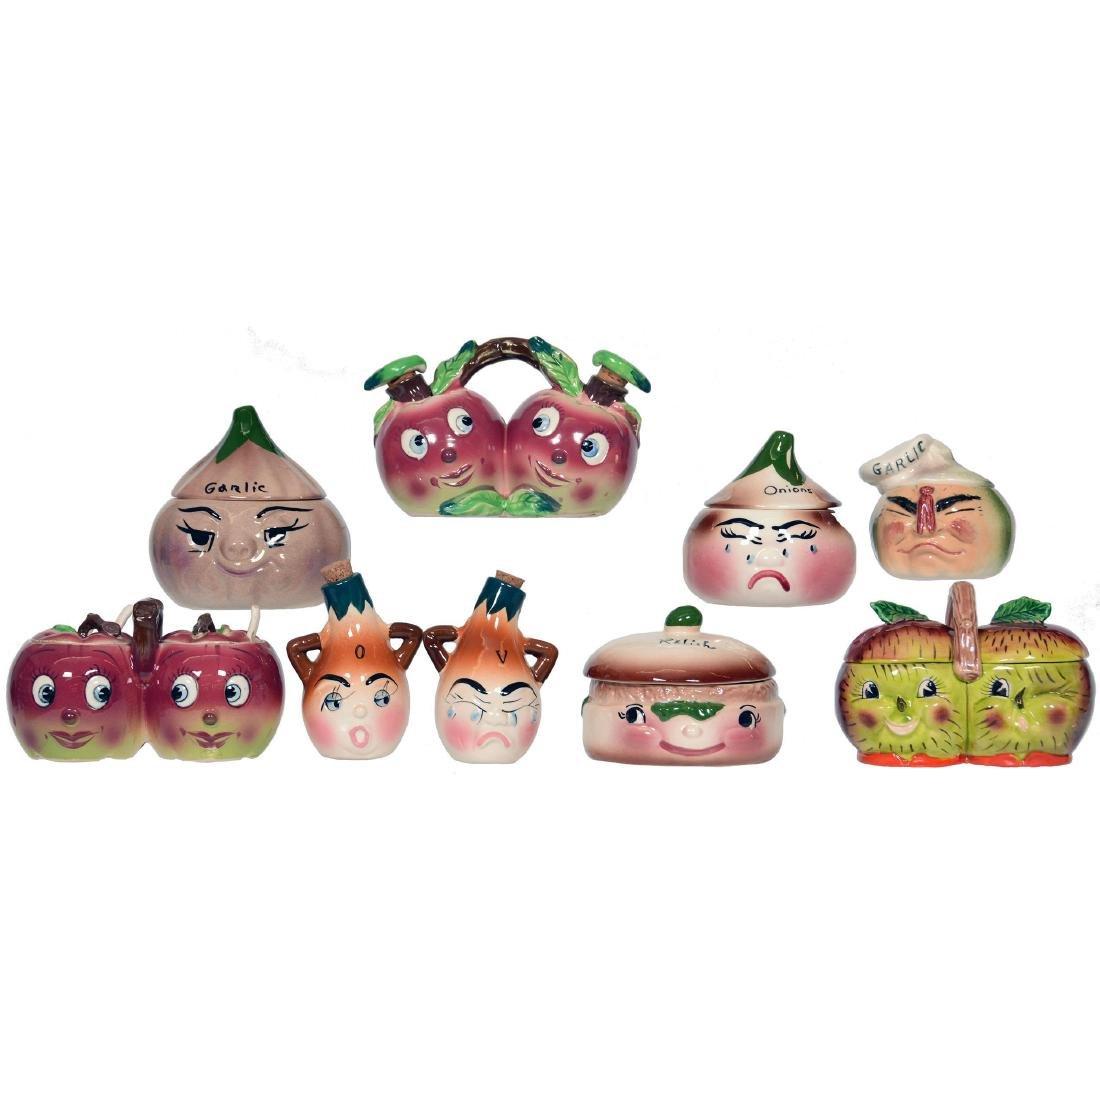 (9) Figural Ceramic Items